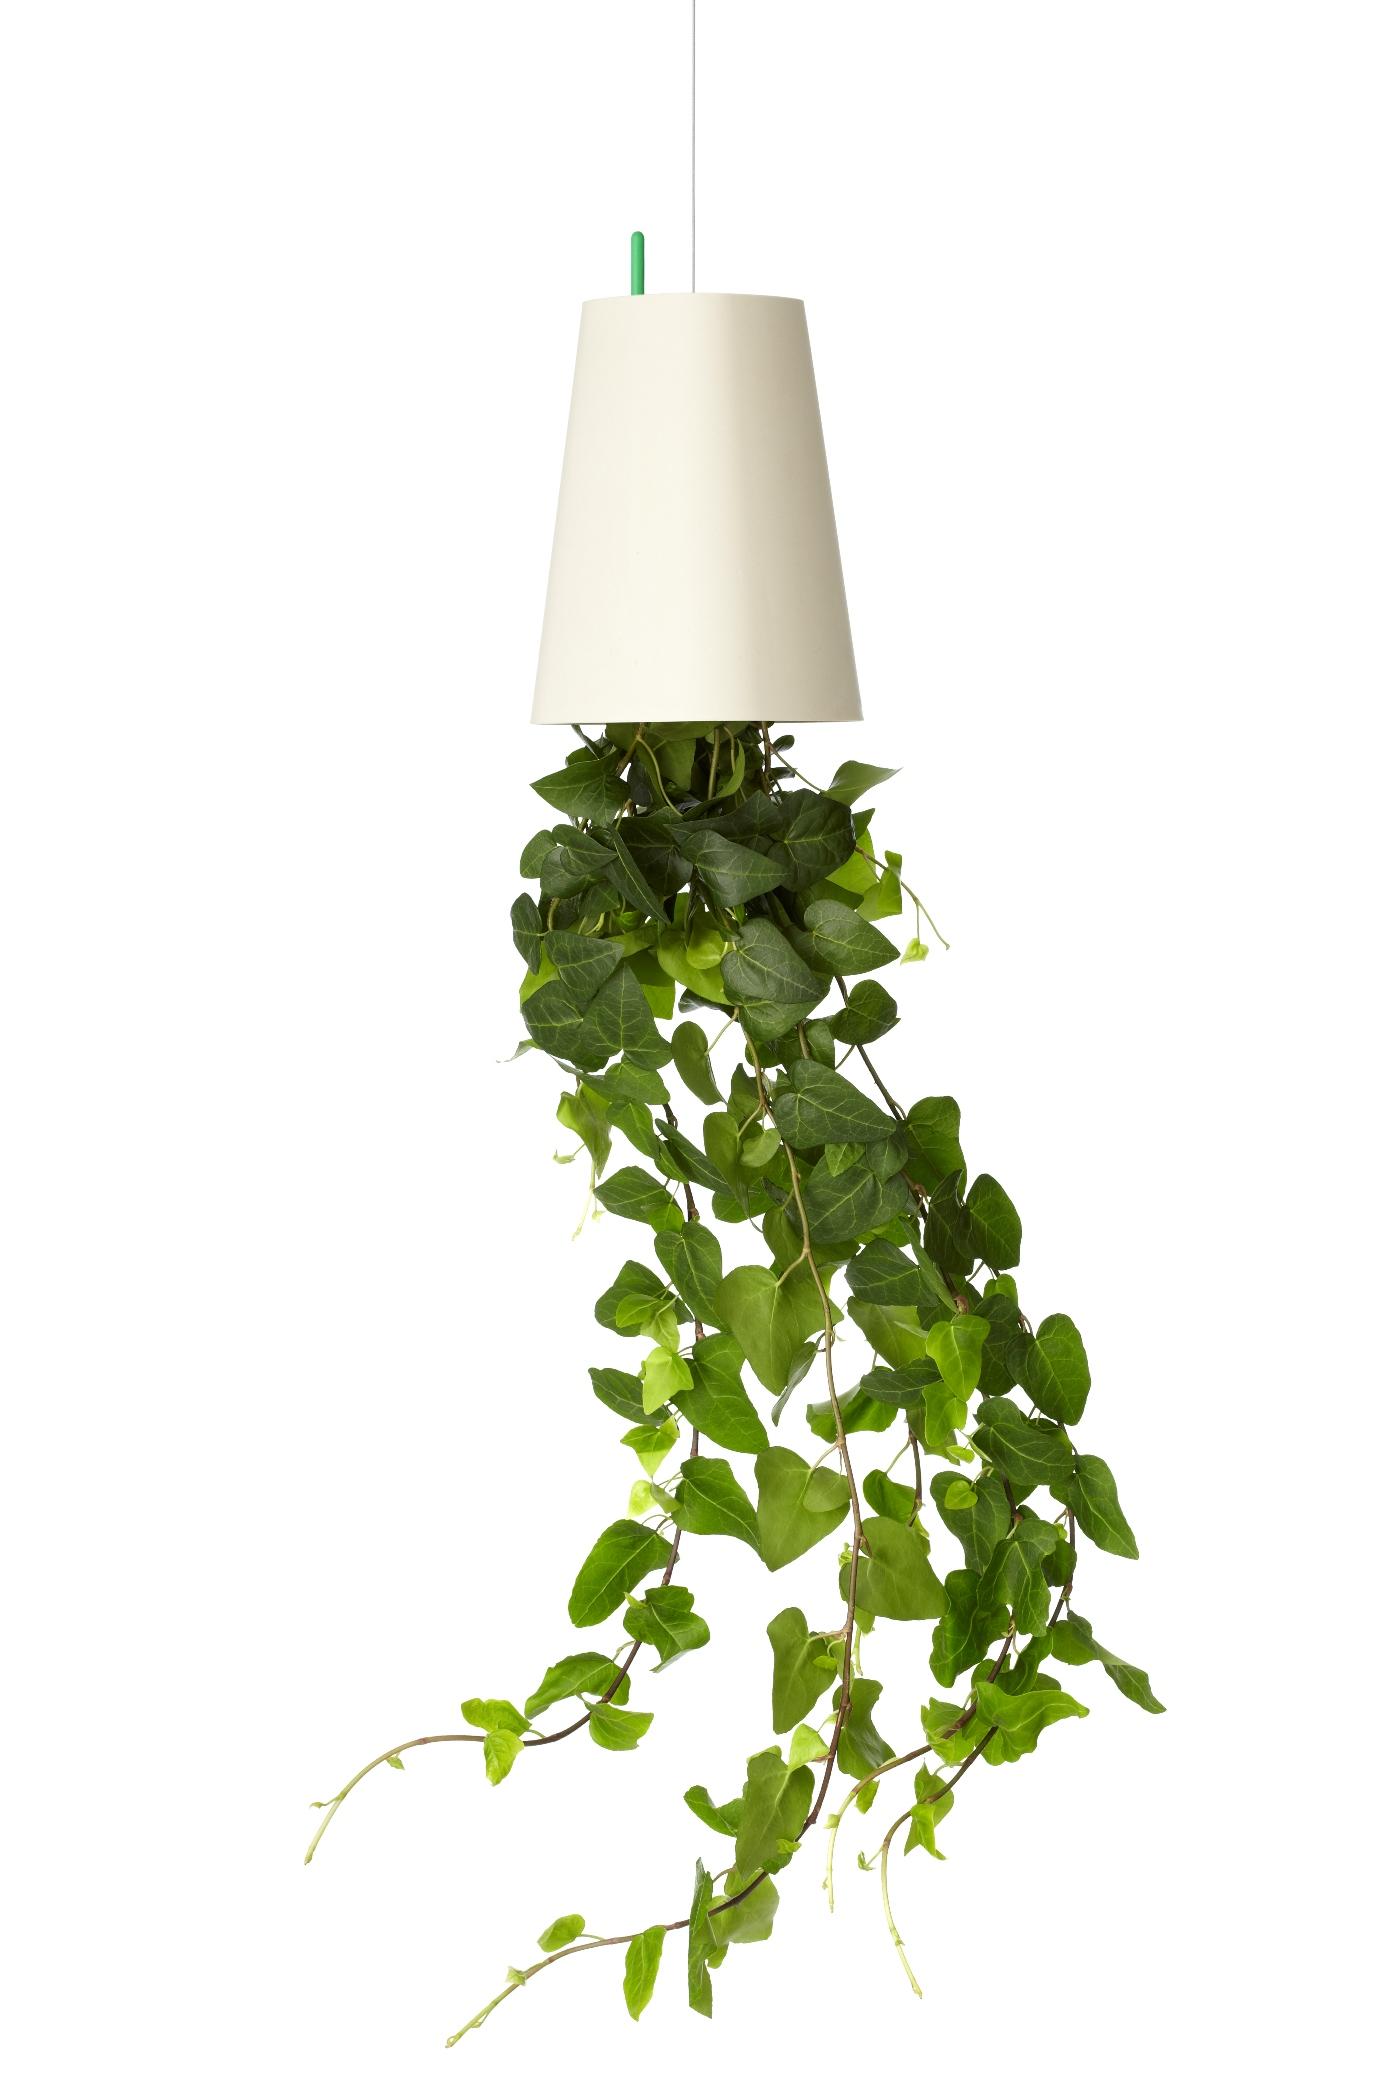 House Plants Hang Down